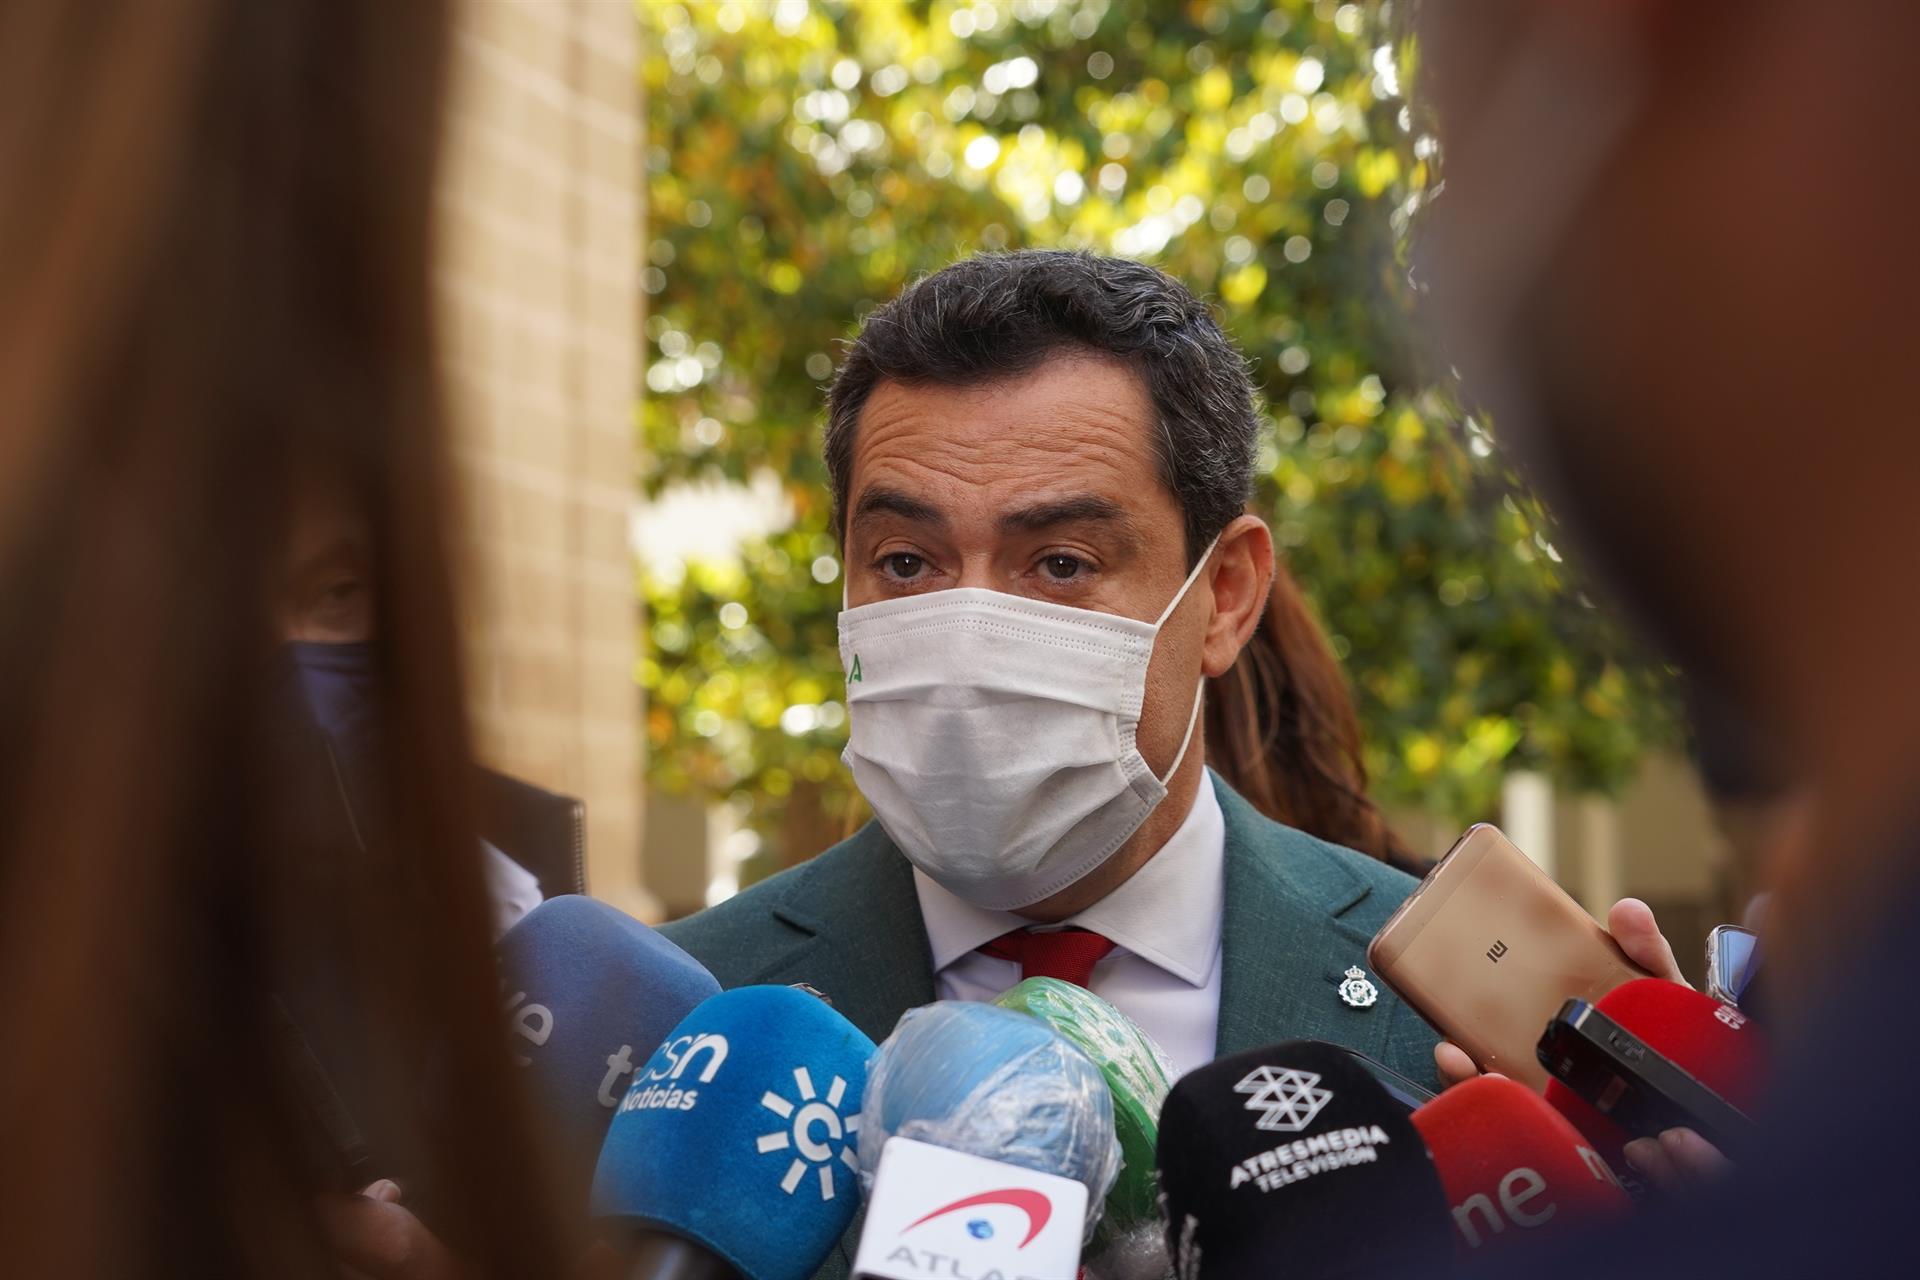 Moreno lamenta la «decisión unilateral» sobre mascarillas: «Hay expertos que creen que es precipitado»